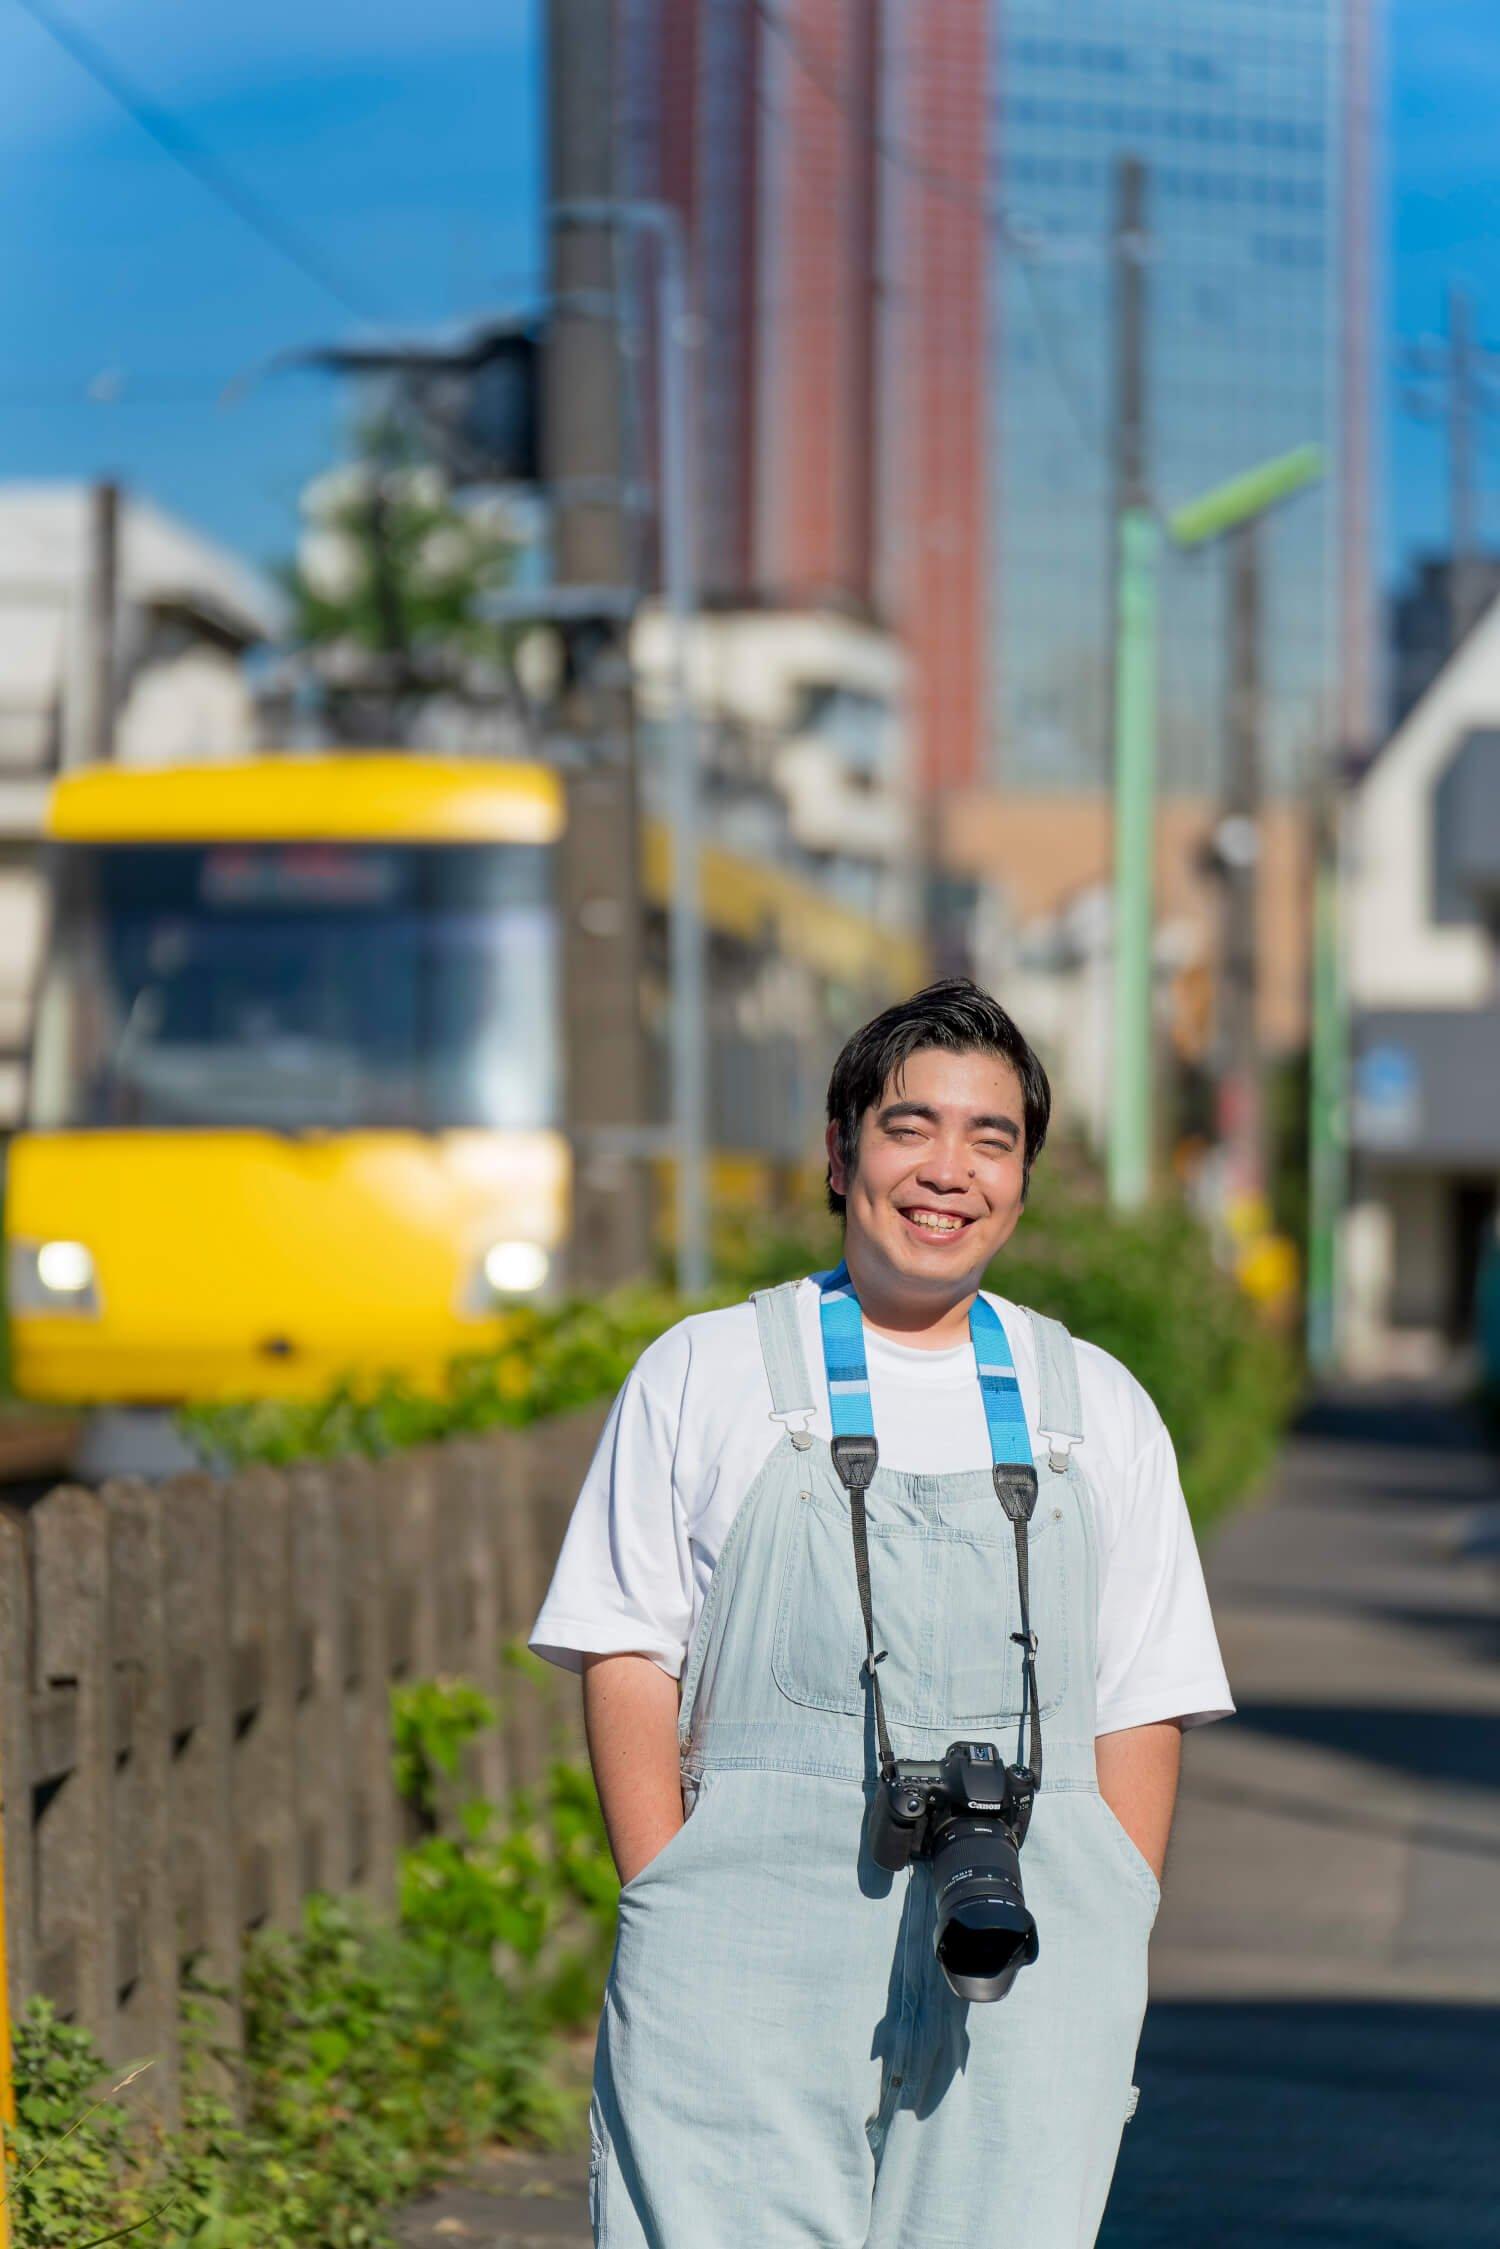 「踏切の音って、よく聞くと鉄道会社によってびみょ〜に違うんですよ」 愛用のカメラはキヤノンEOS90D。小学生の時は、簡易カメラで電車を追いかけた。